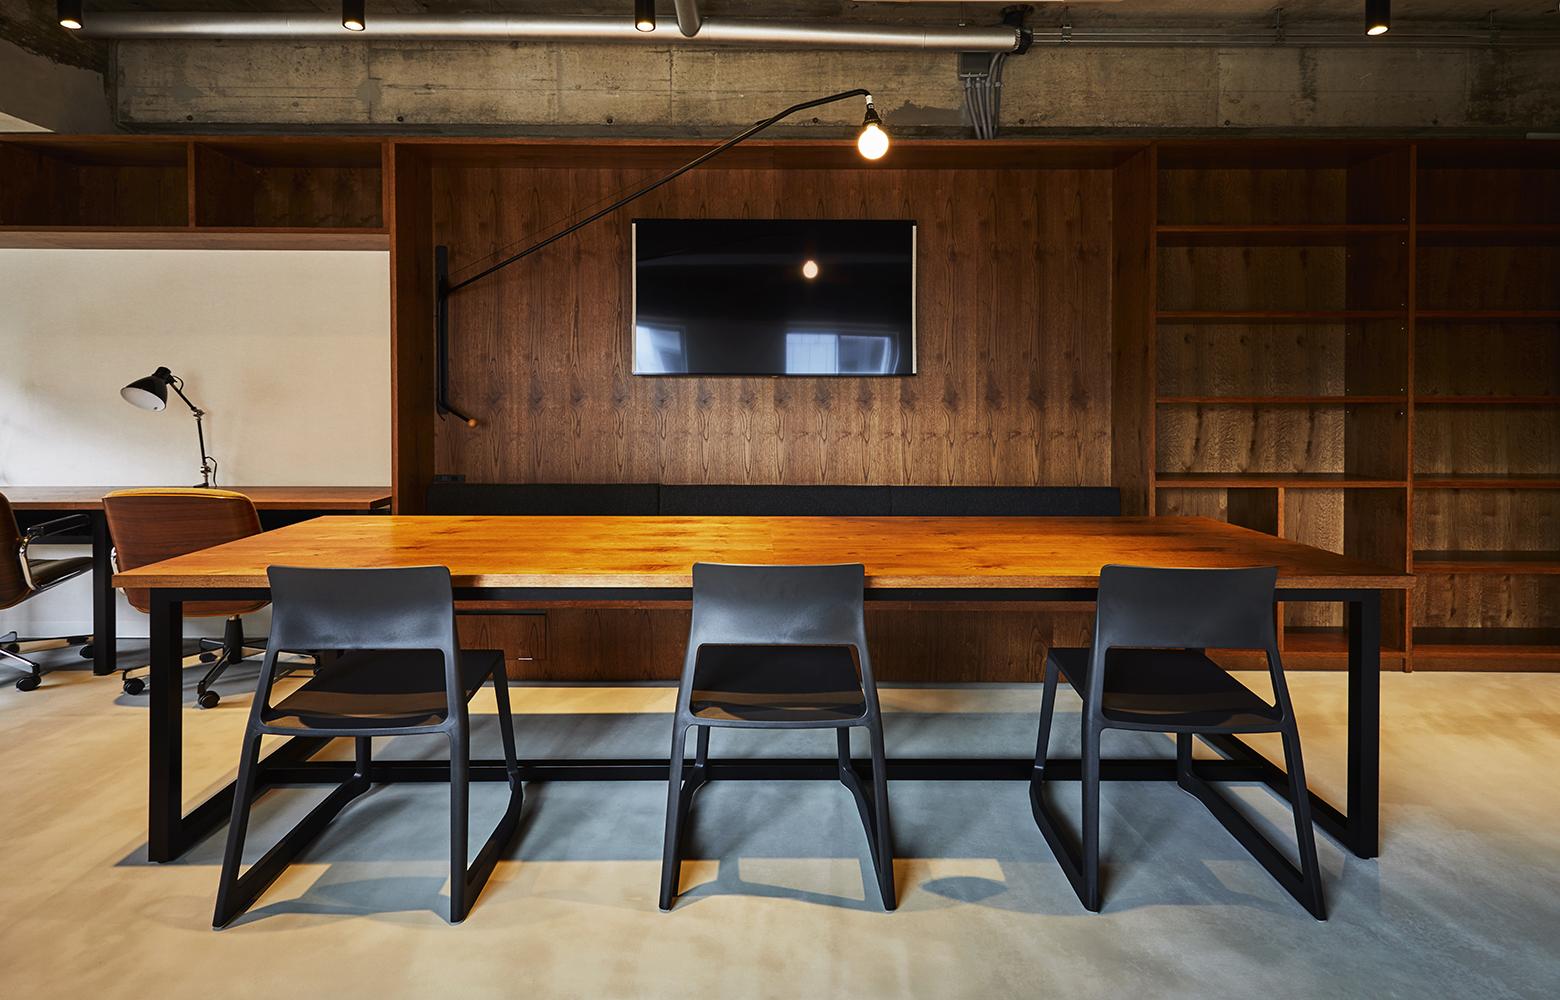 Quebico株式会社 Meeting Space デザイン・レイアウト事例